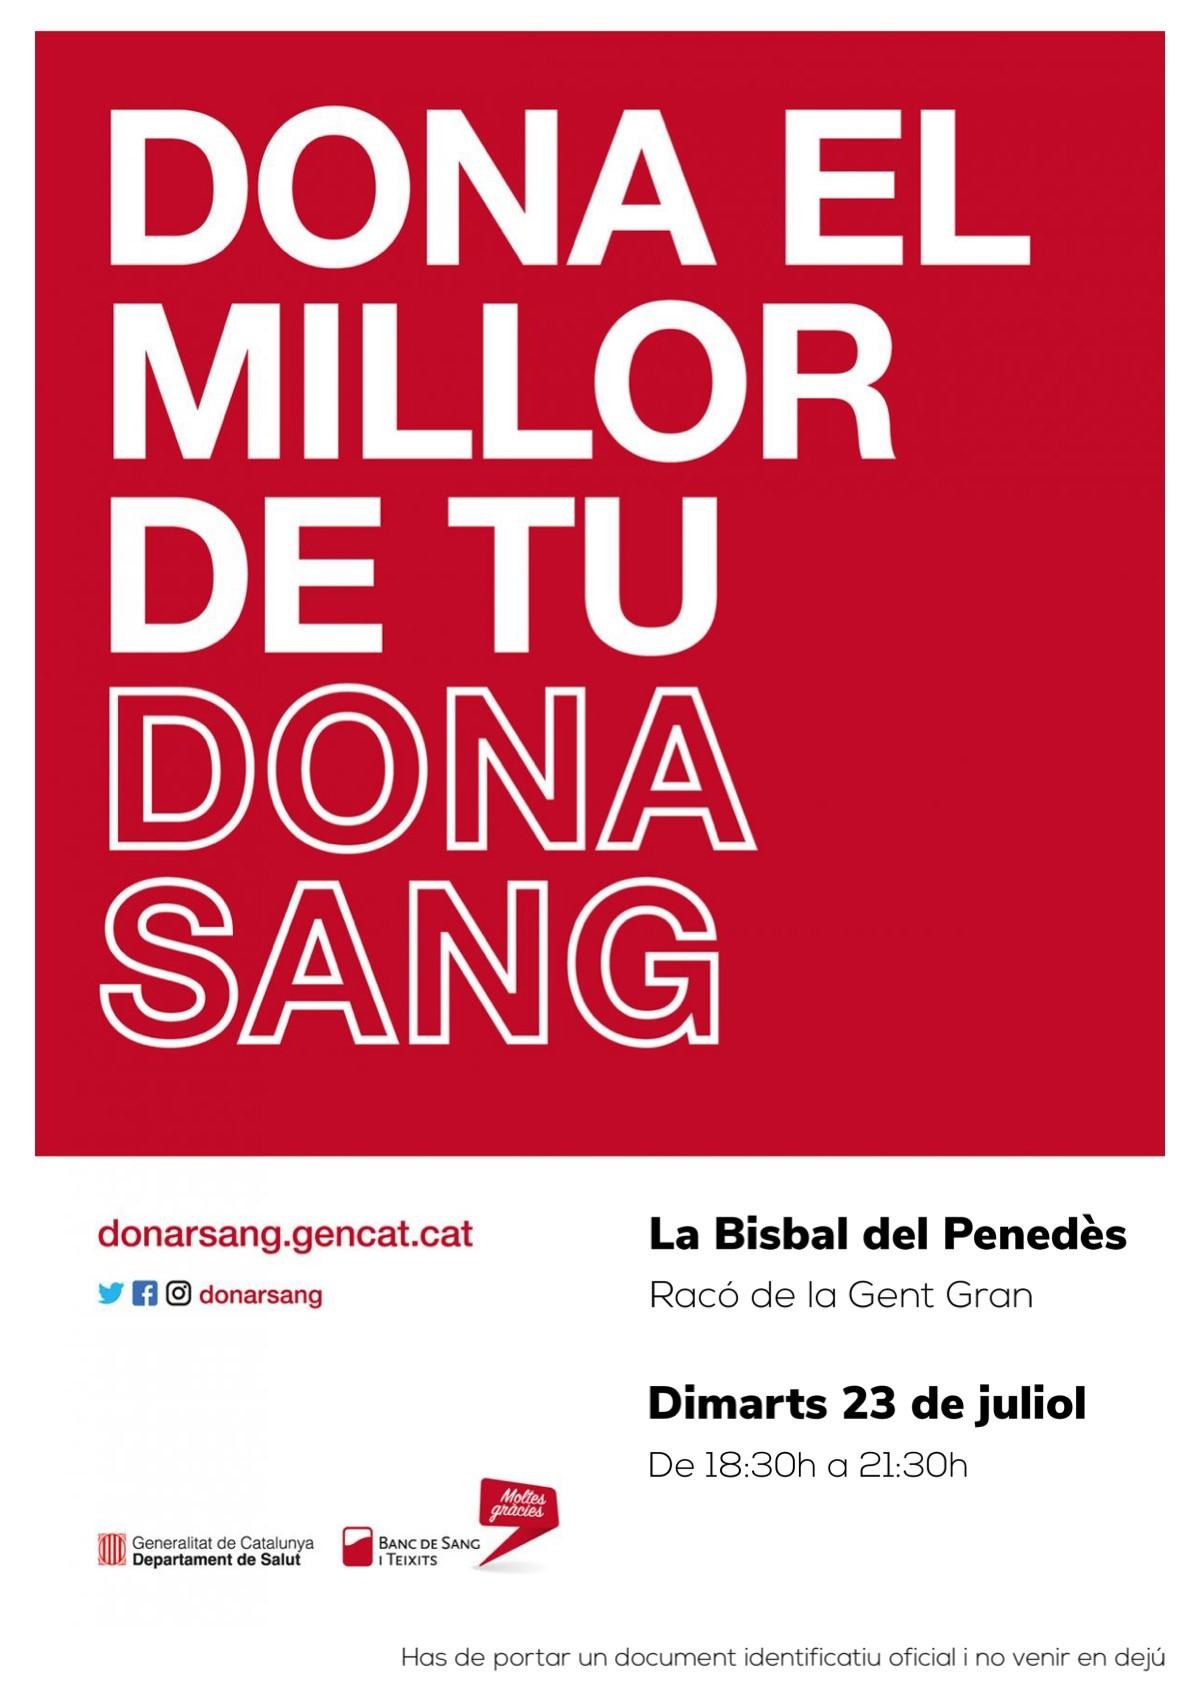 El dimarts 23 de juliol vine a donar sang al Racó de la Gent Gran